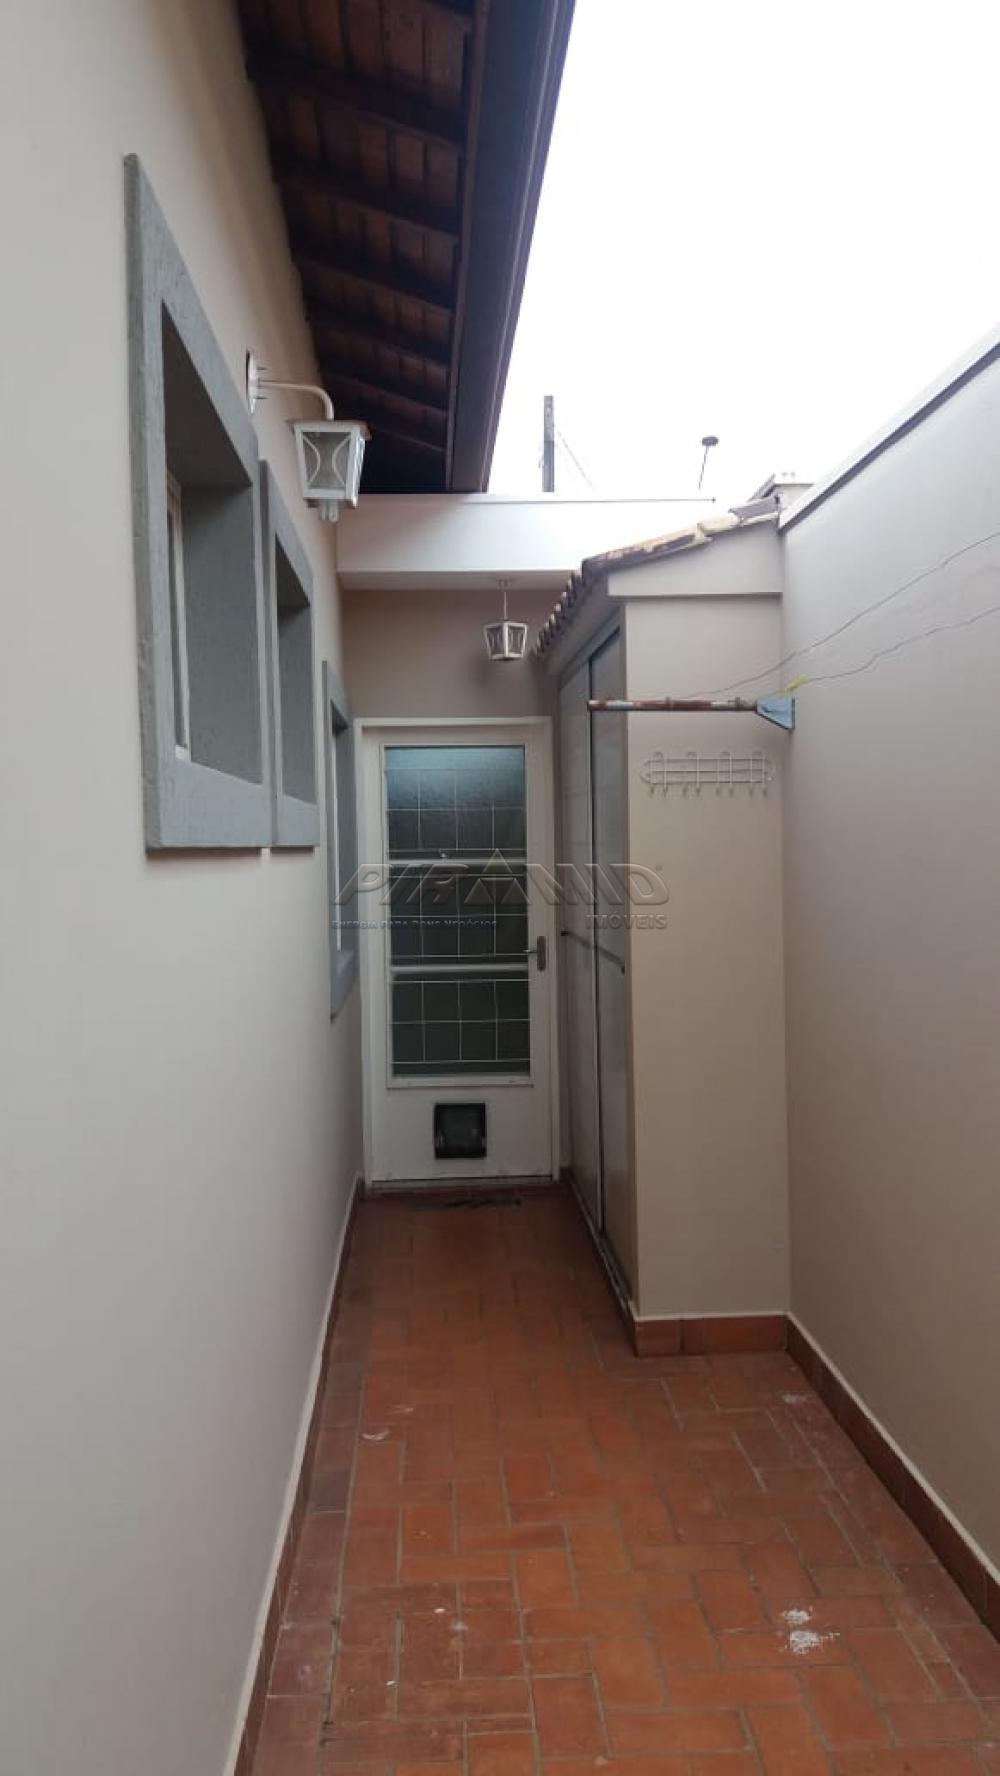 Comprar Casa / Condomínio em Ribeirão Preto apenas R$ 350.000,00 - Foto 18